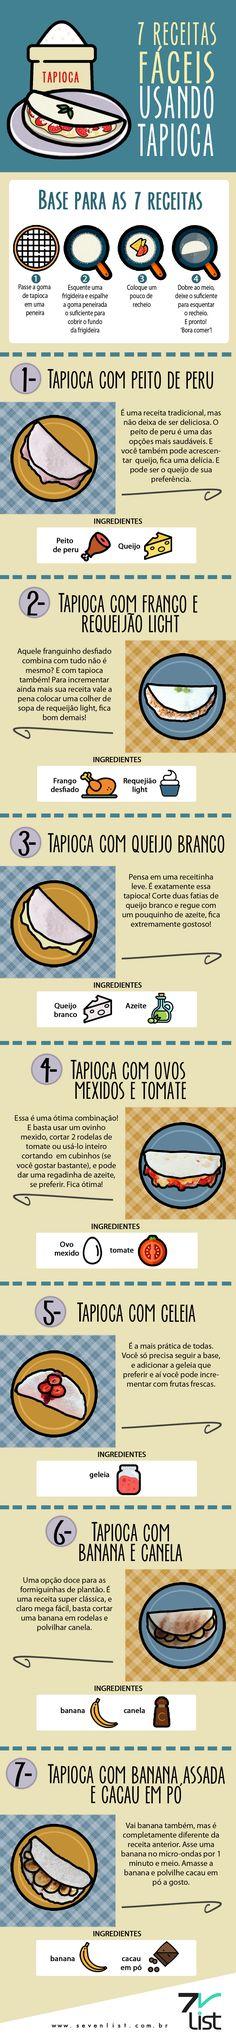 @cabidecolorido #sevenlist #infográfico #infographic #list #lista #illustration #receitas #tapioca #receitasdetapioca #alimentação #bemestar #fitness #saudável #peitodeperu #tapiocacompeitodeperu #frangocomrequeijão #tapiocacomfrangocomrequeijão #queijobr